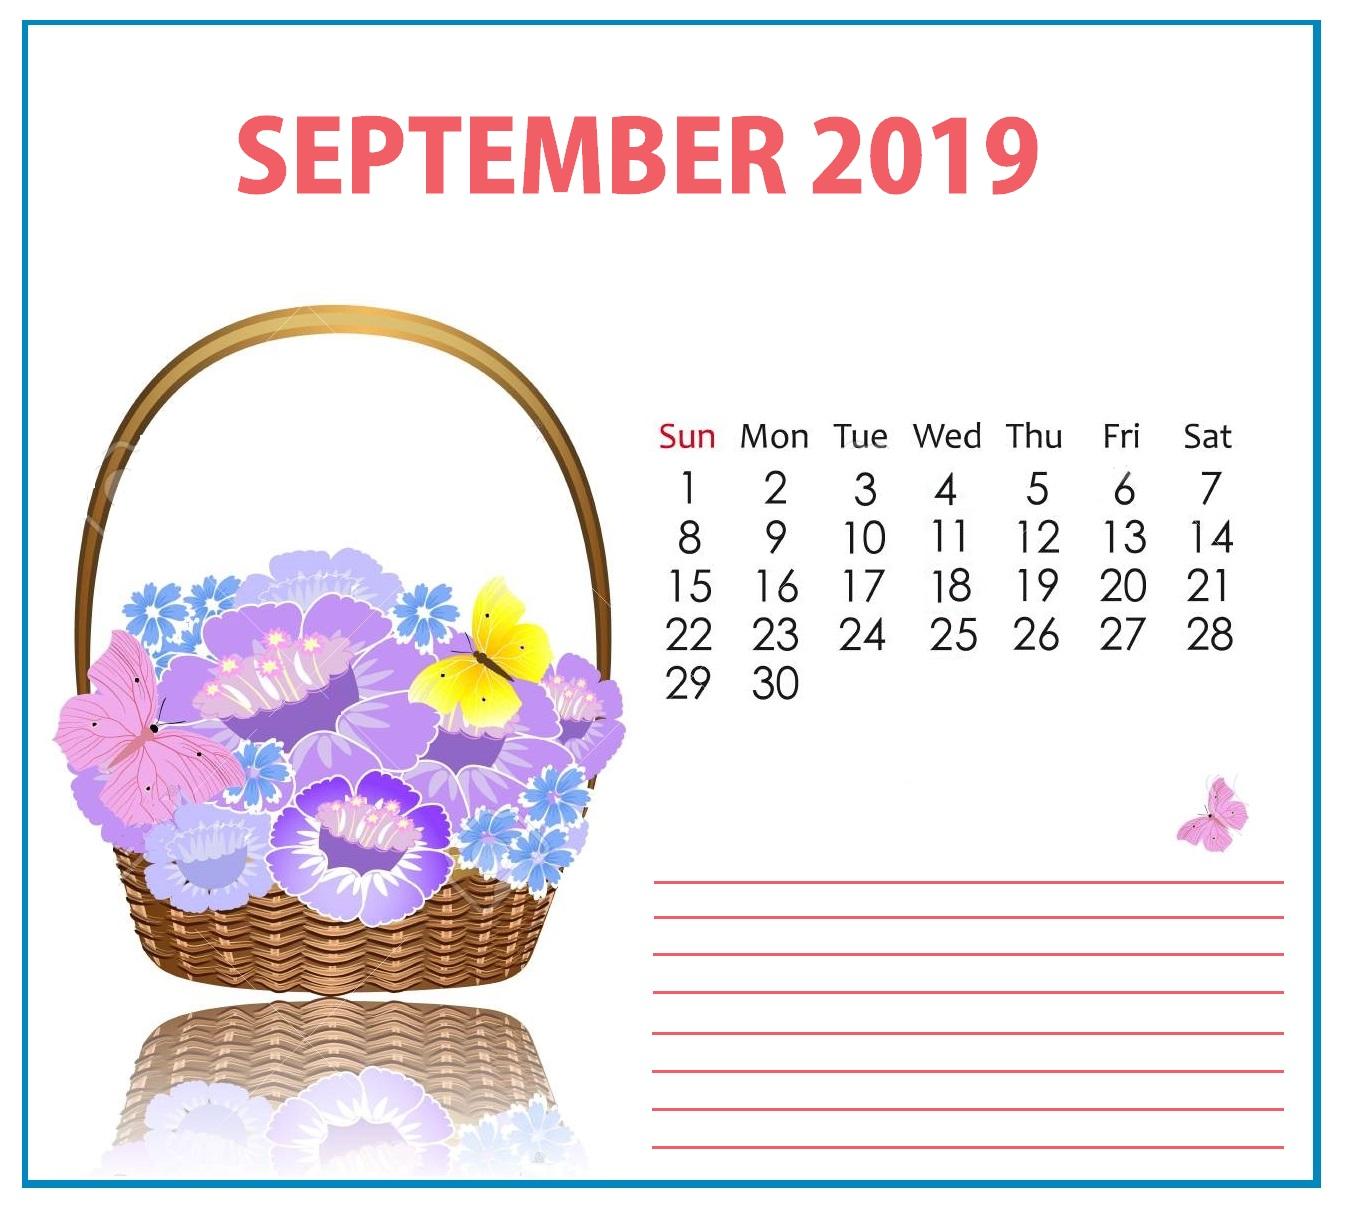 Floral September 2019 Wall Calendar